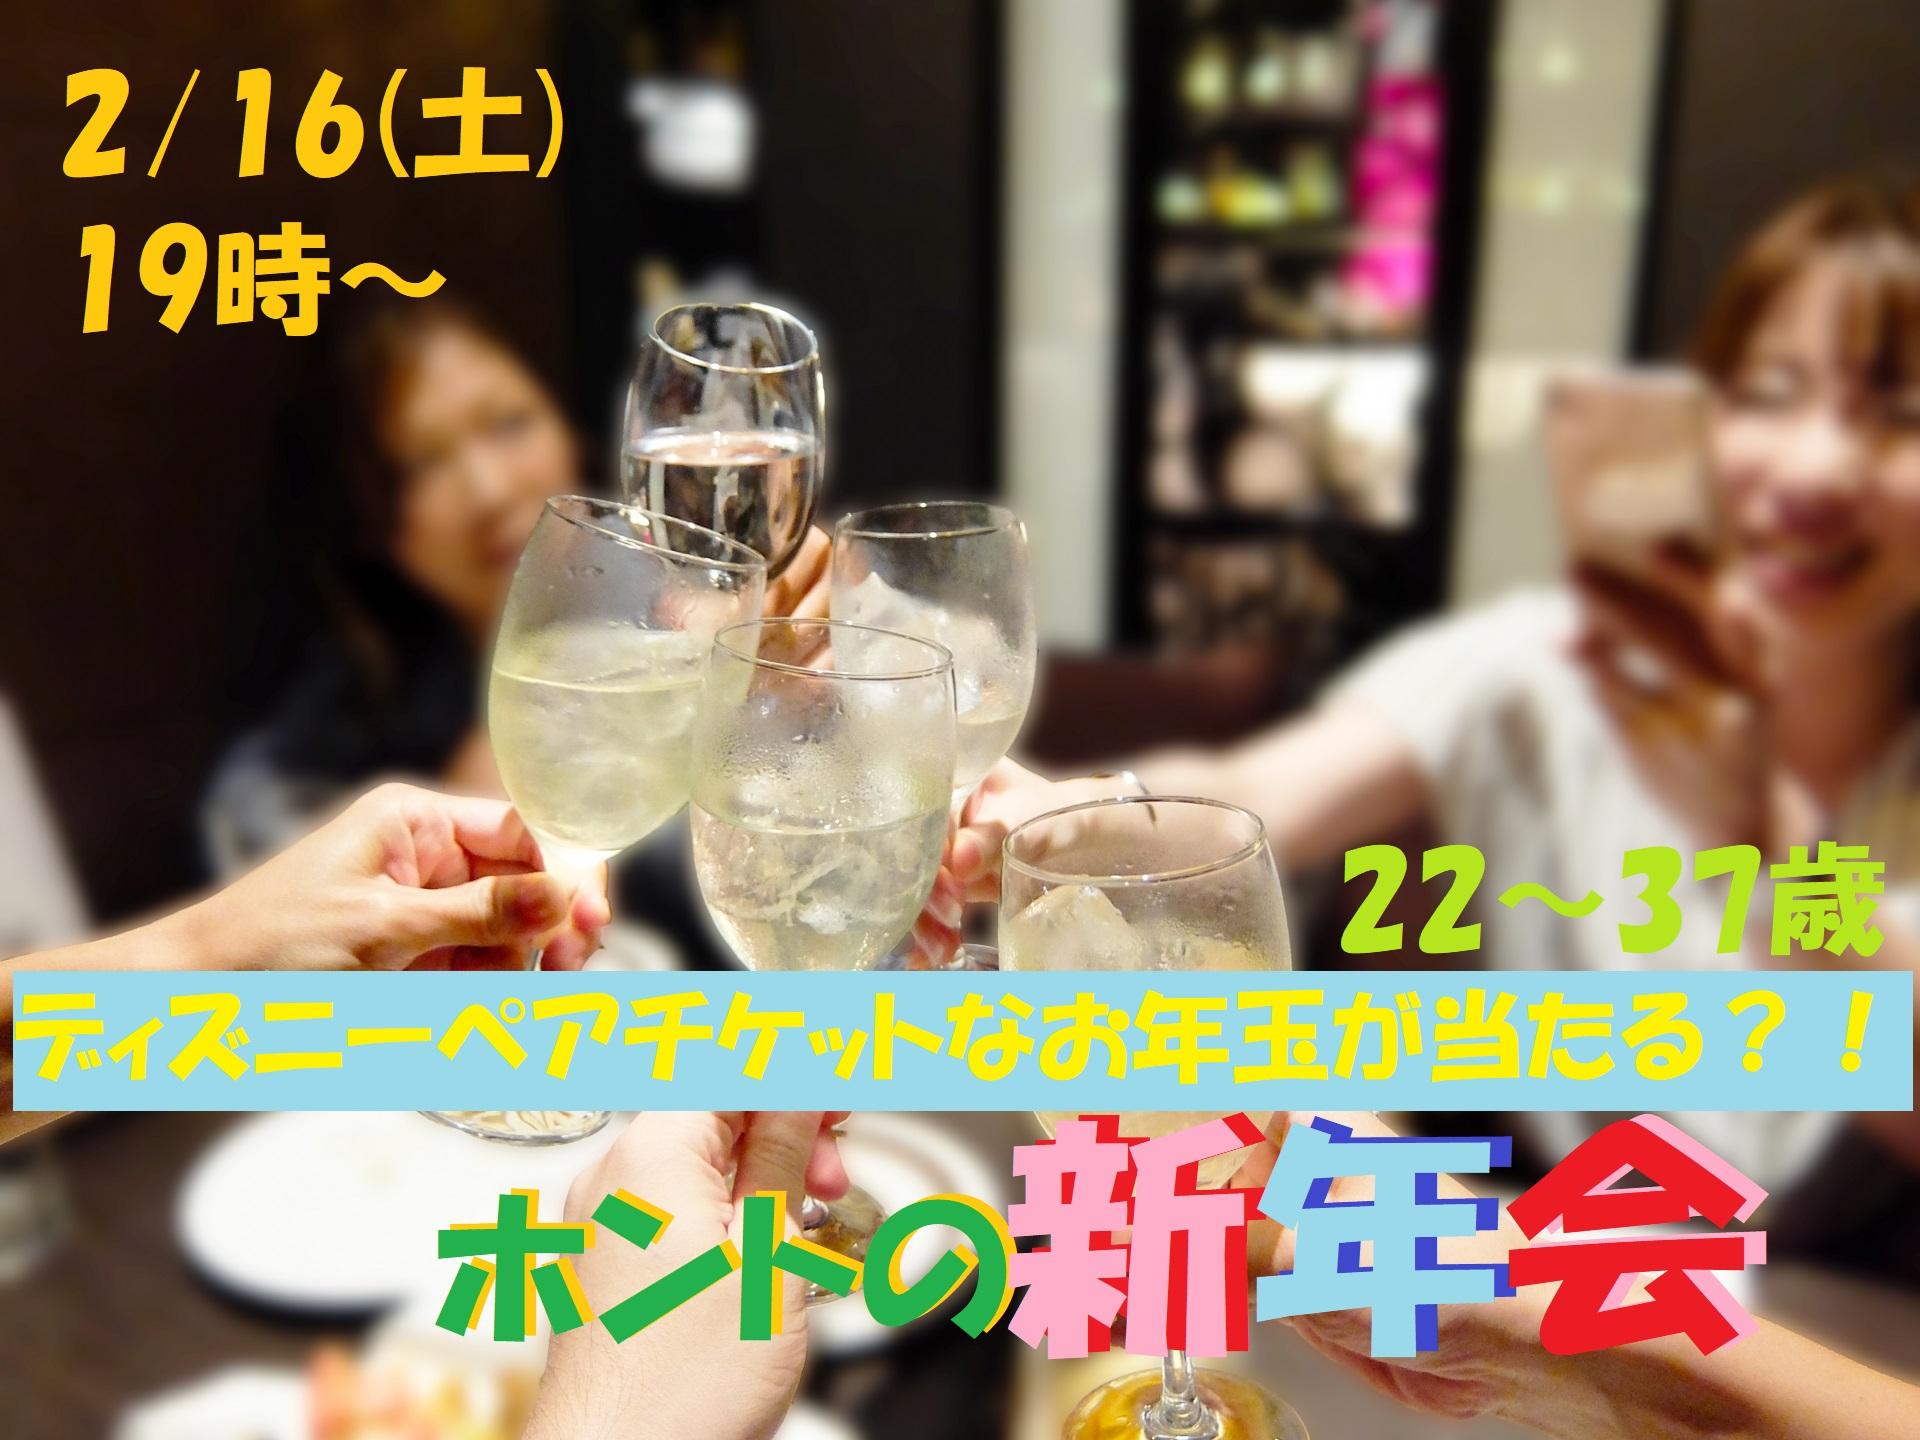 第1046回 19時~MAX40人【22~37歳】ディズニーペアチケットなお年玉ビンゴ大会?&ホントの新年会!のご報告